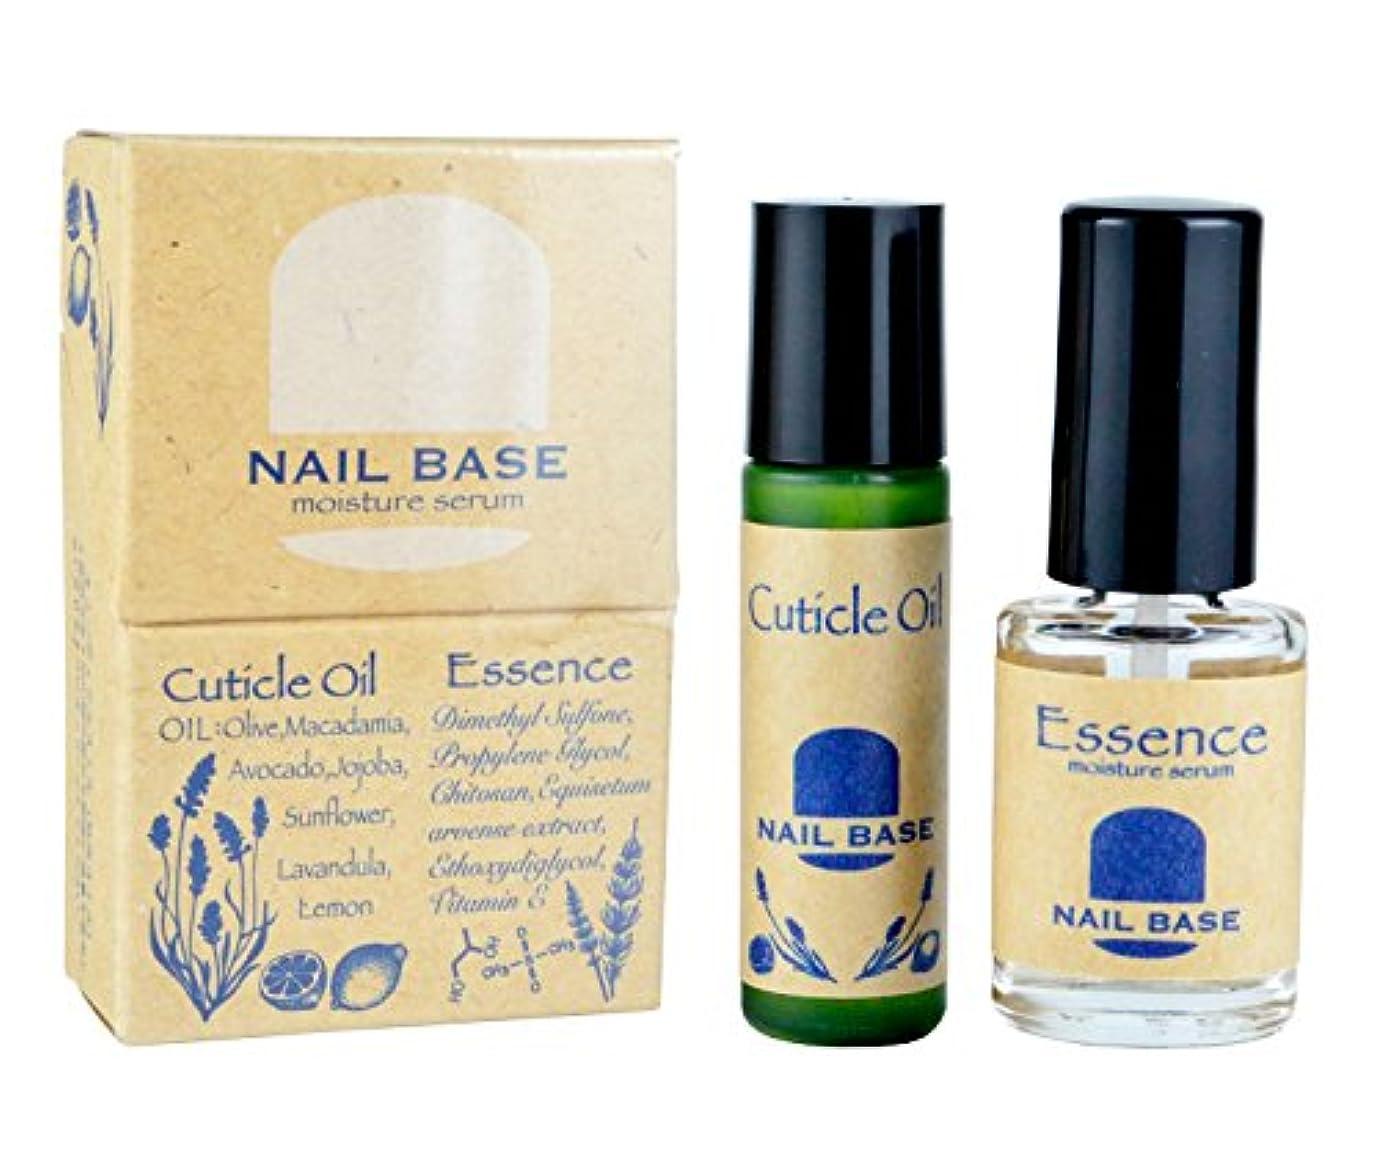 ハドル雑草エラーNAIL BASE キューティクルオイルと爪の美容液のセット